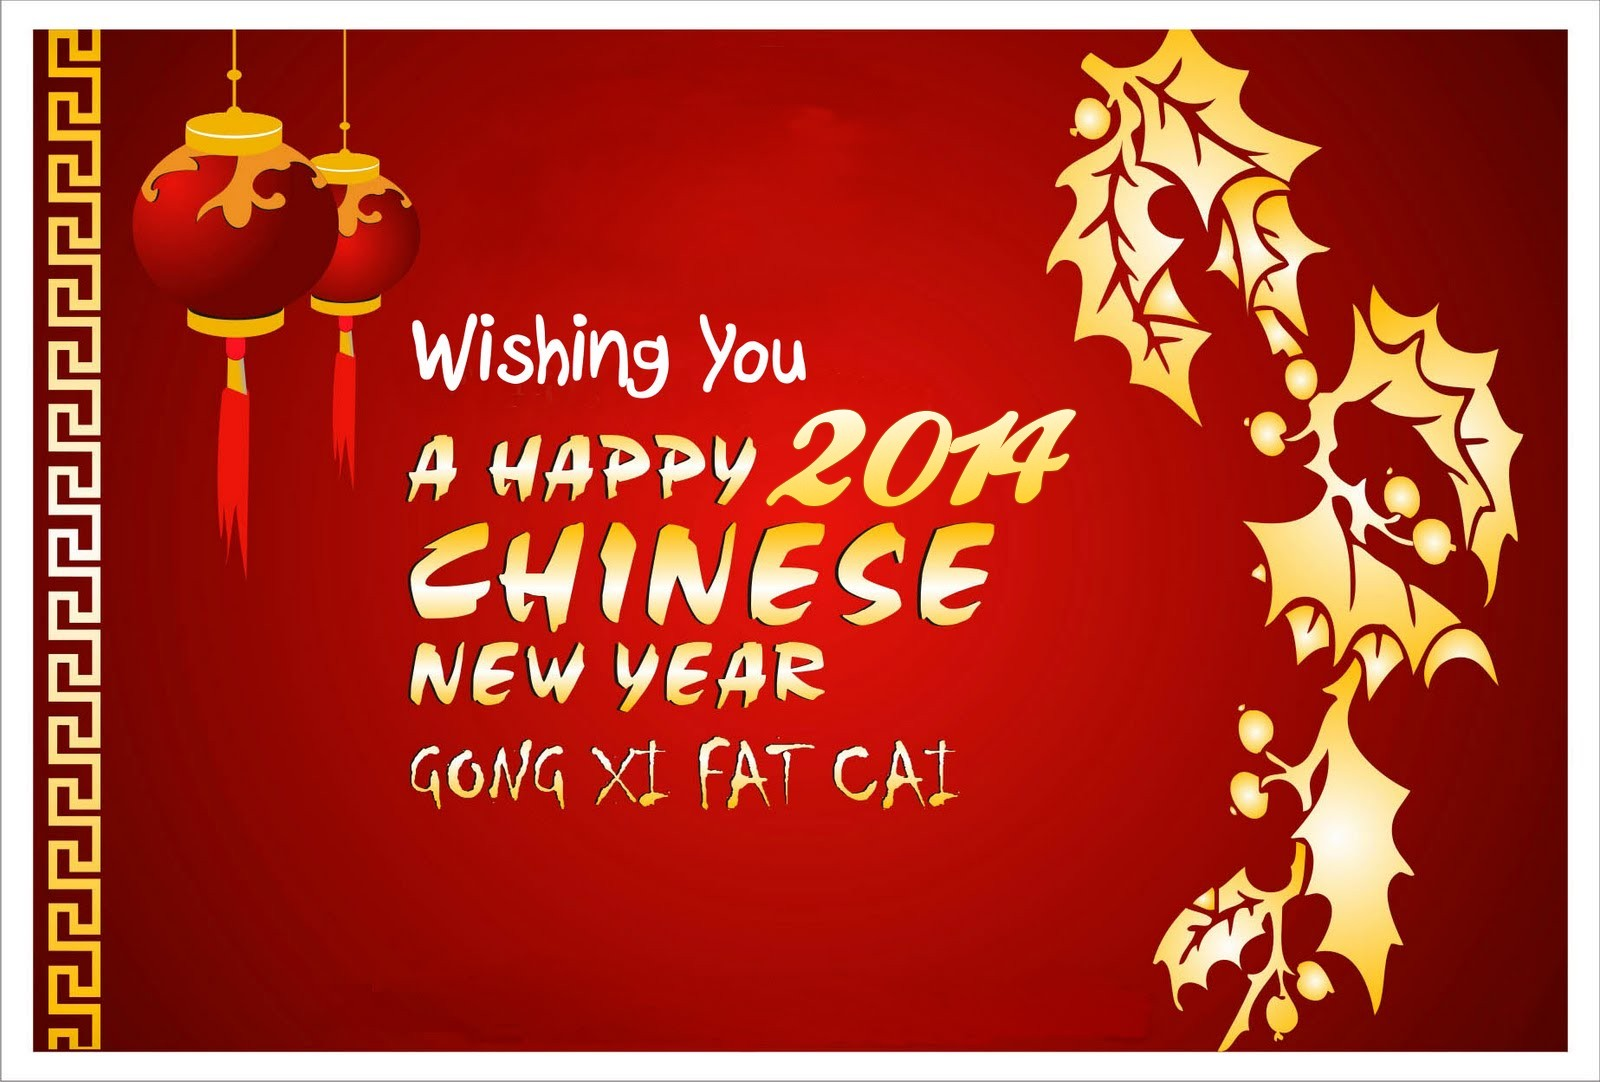 chinese new year 2014 horse wishes hdjpg - Chinese New Year 2014